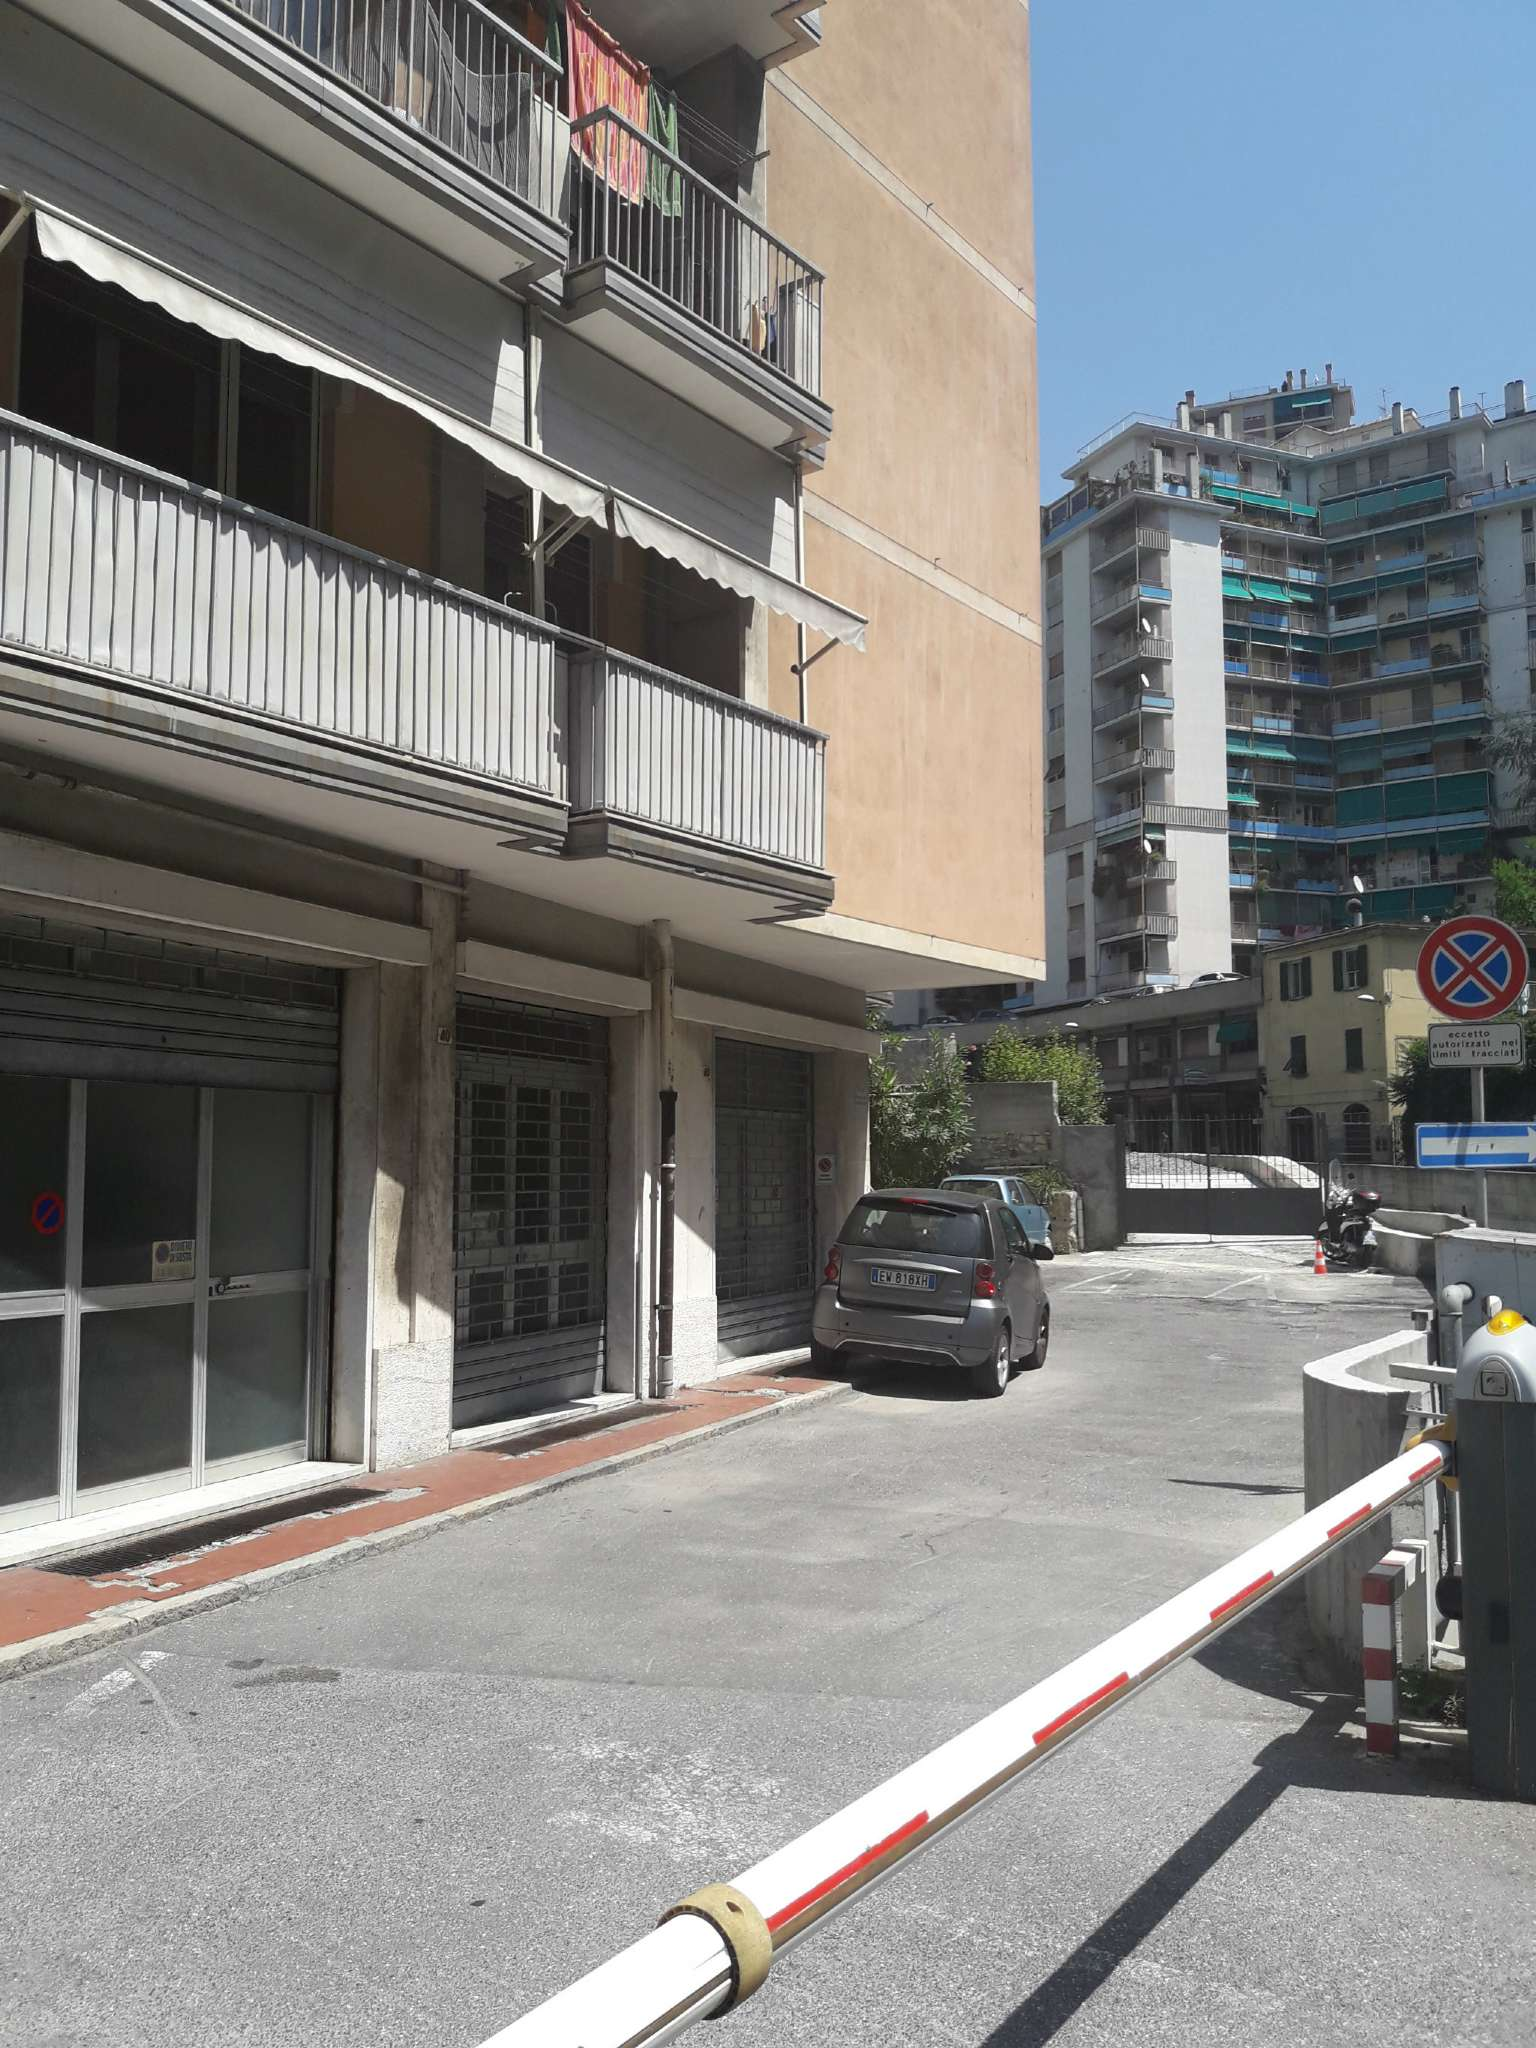 Magazzino in affitto a Genova, 2 locali, zona Zona: 5 . Marassi-Staglieno, prezzo € 250   CambioCasa.it